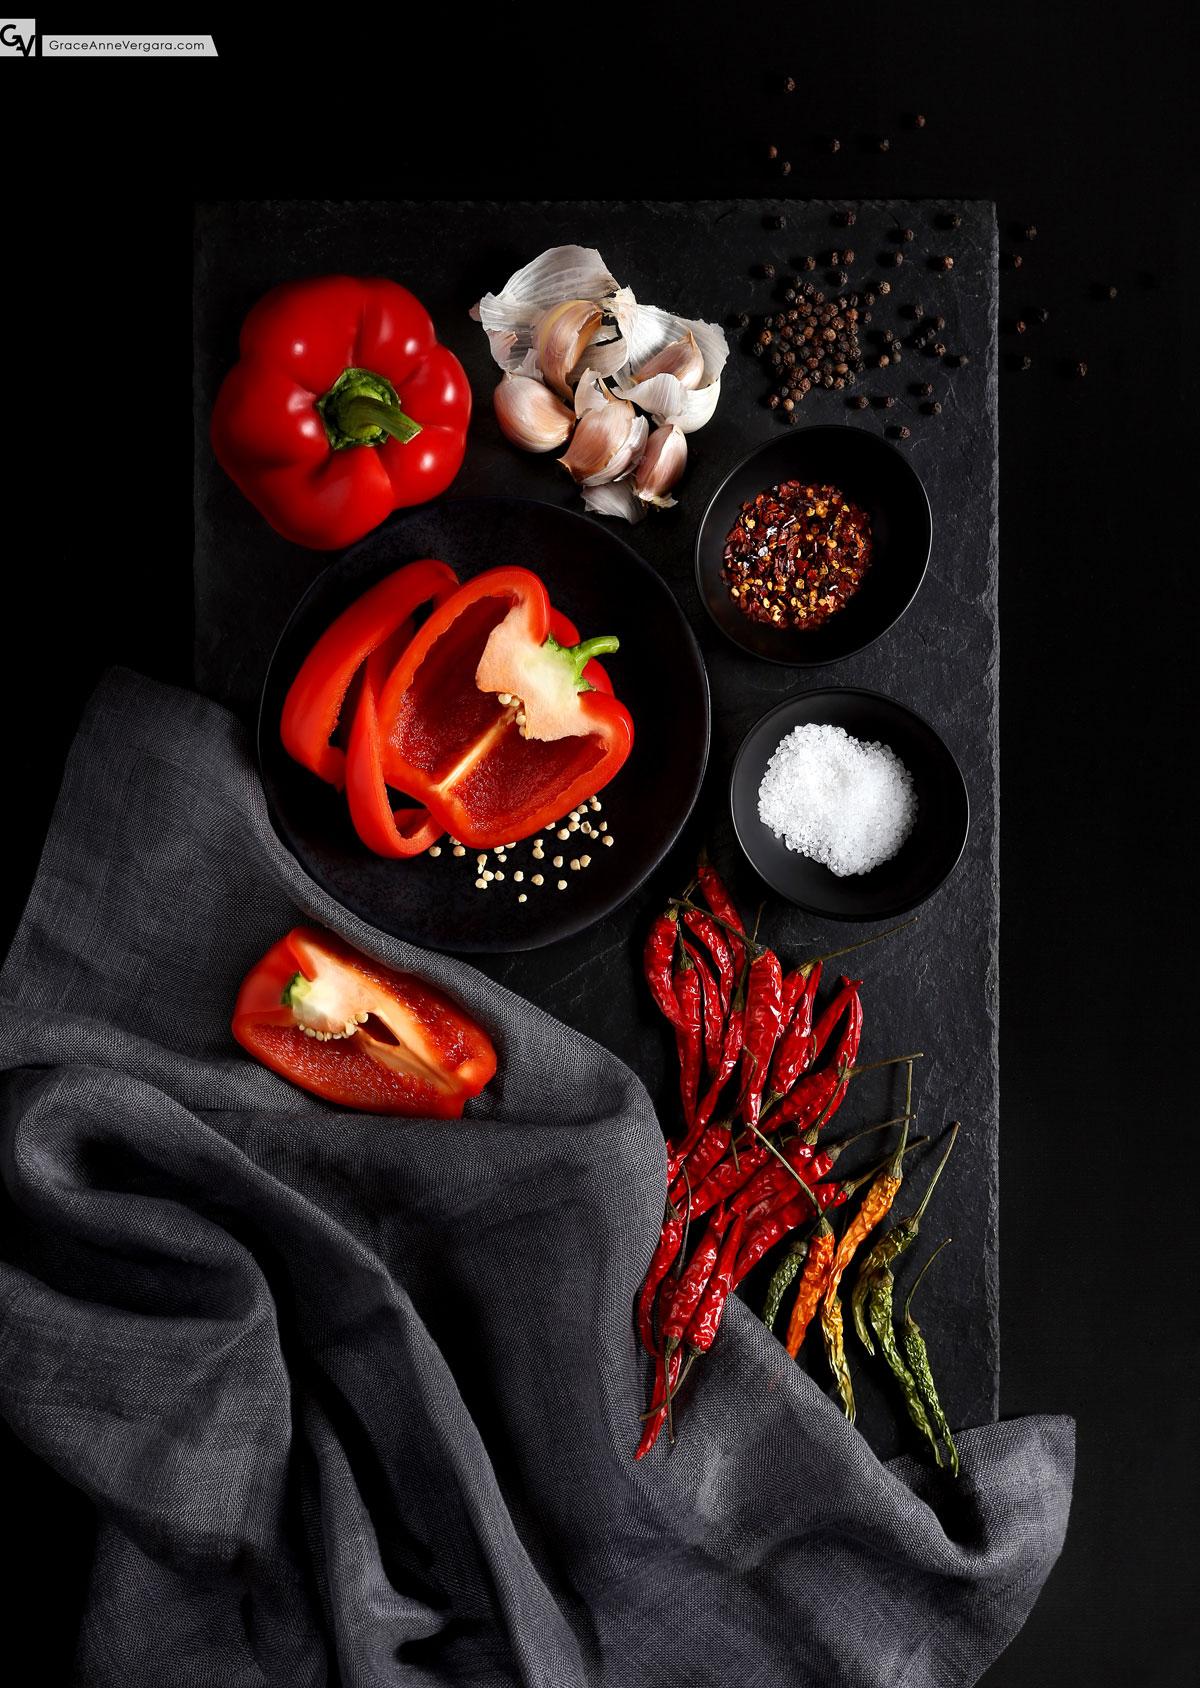 Peppers | © 2015 Grace Anne Vergara